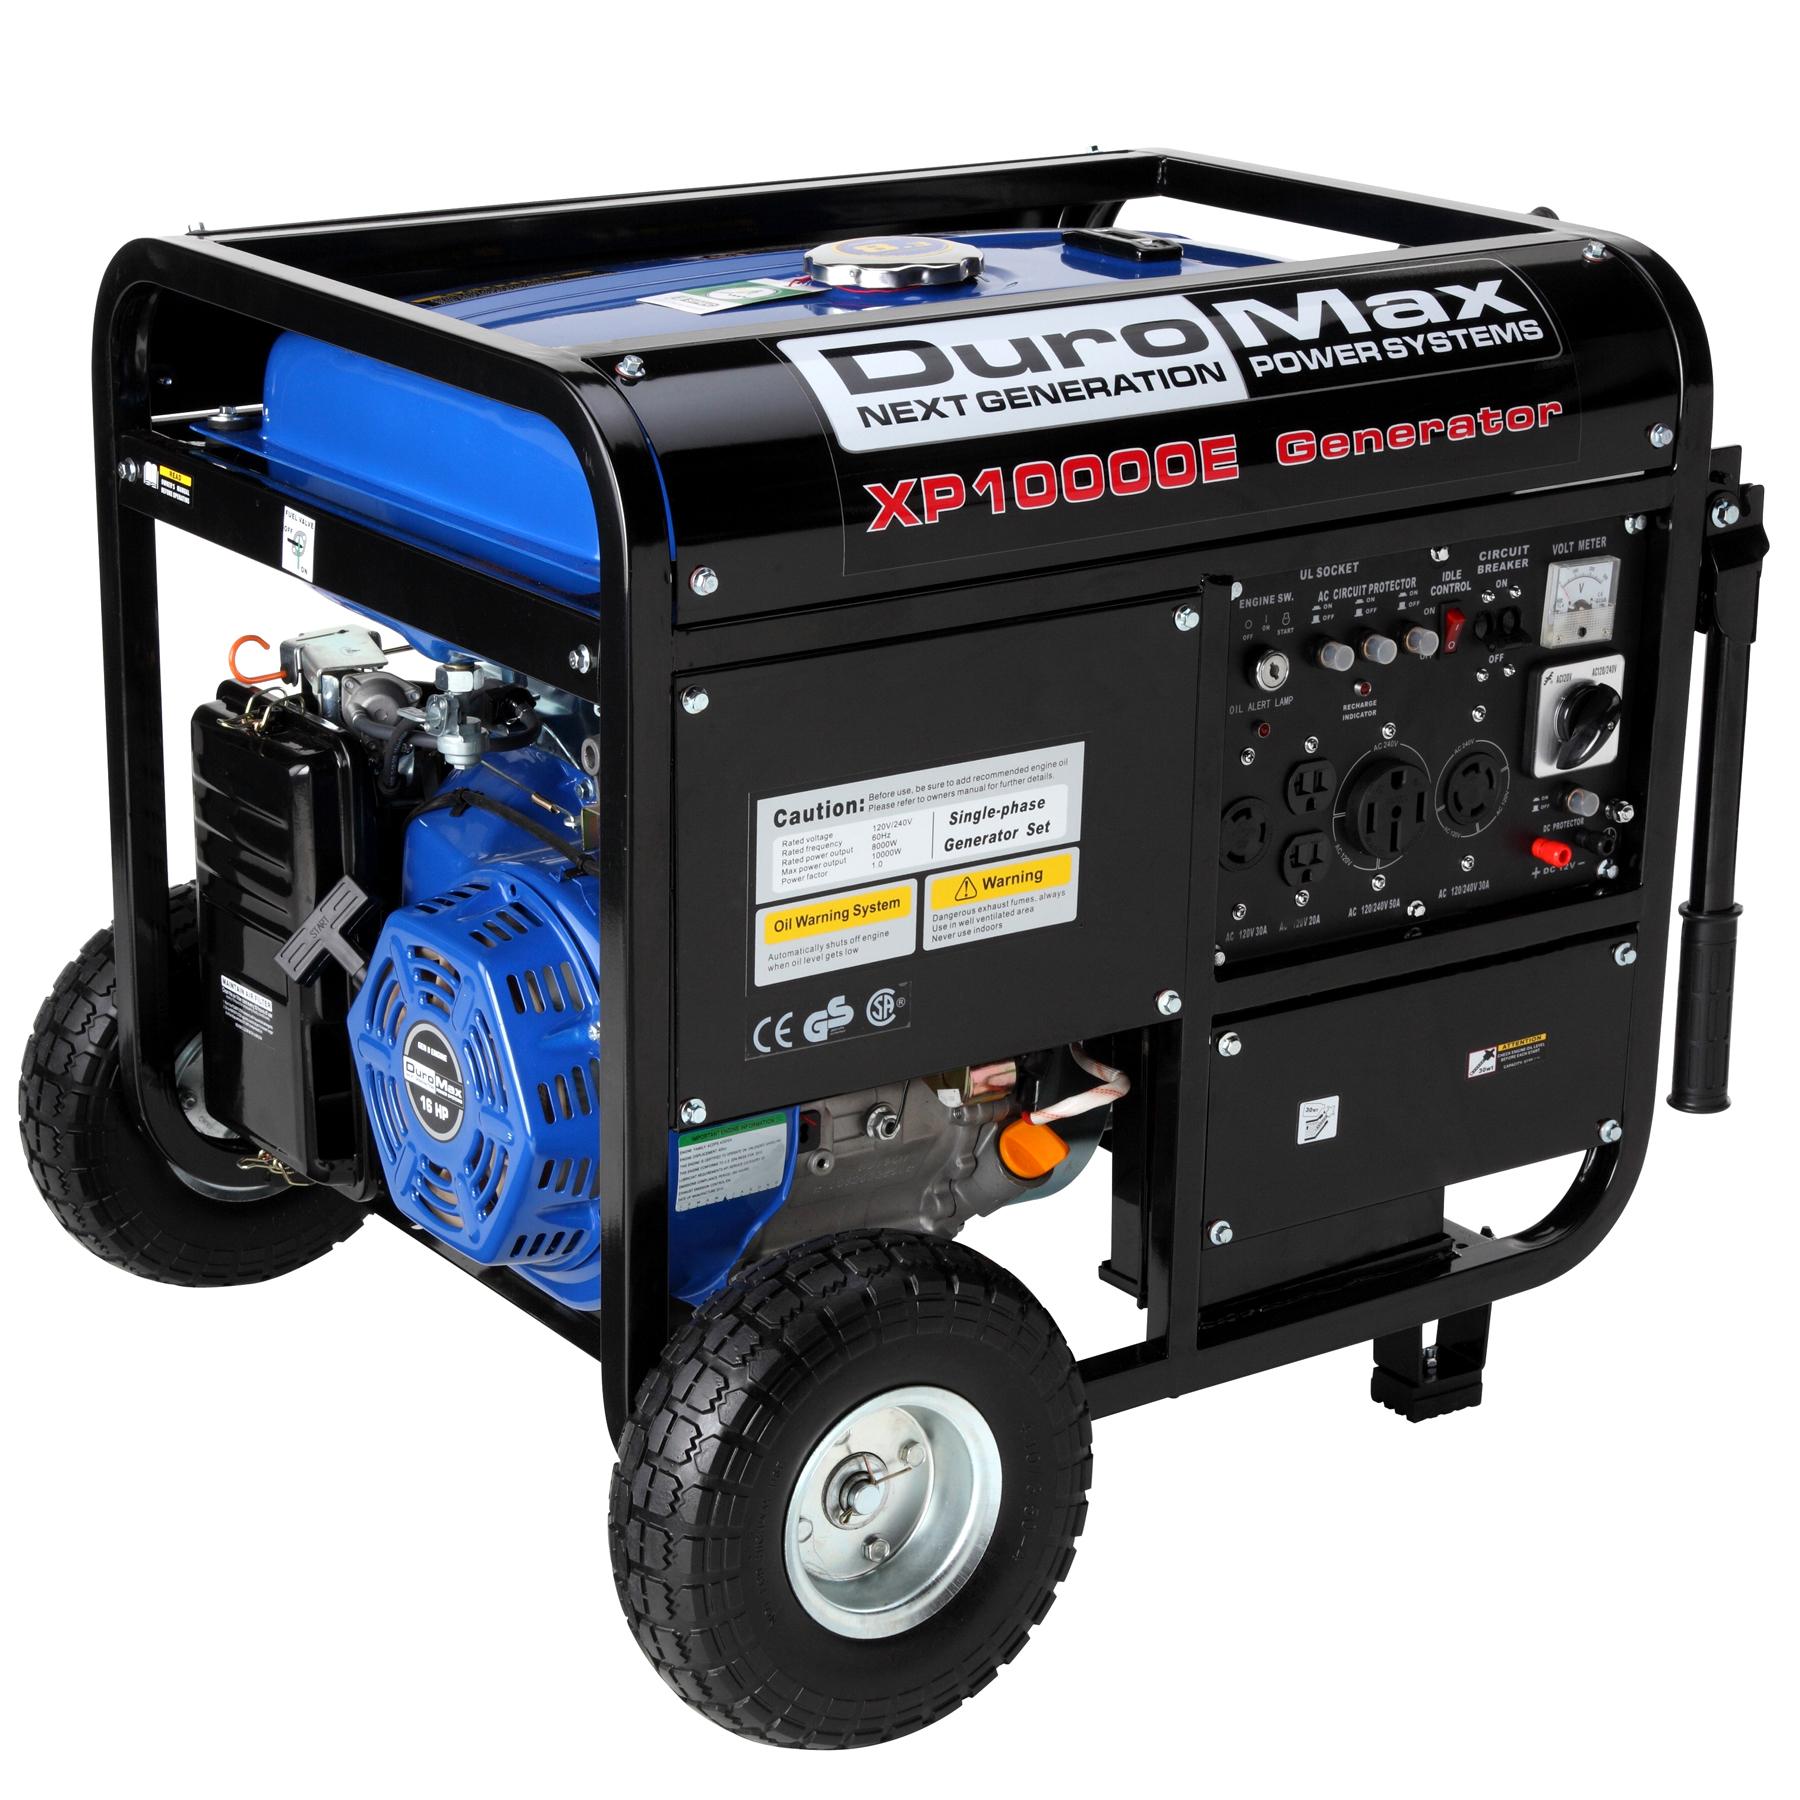 hight resolution of wiring diagram for onan generator 7500 watt